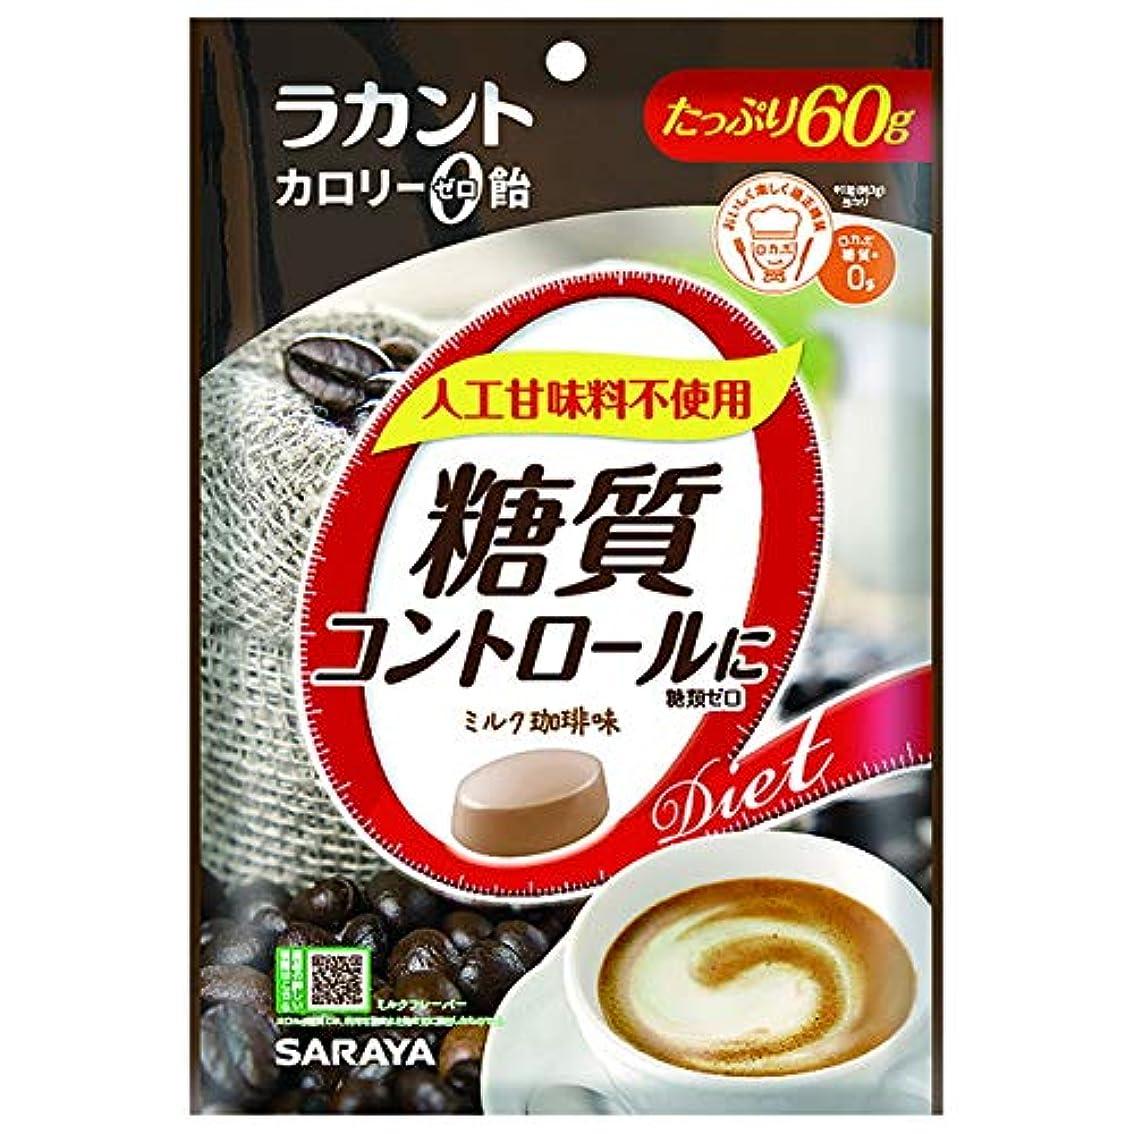 圧縮収入放牧するラカント カロリーゼロ飴 ミルク珈琲 60g【3個セット】